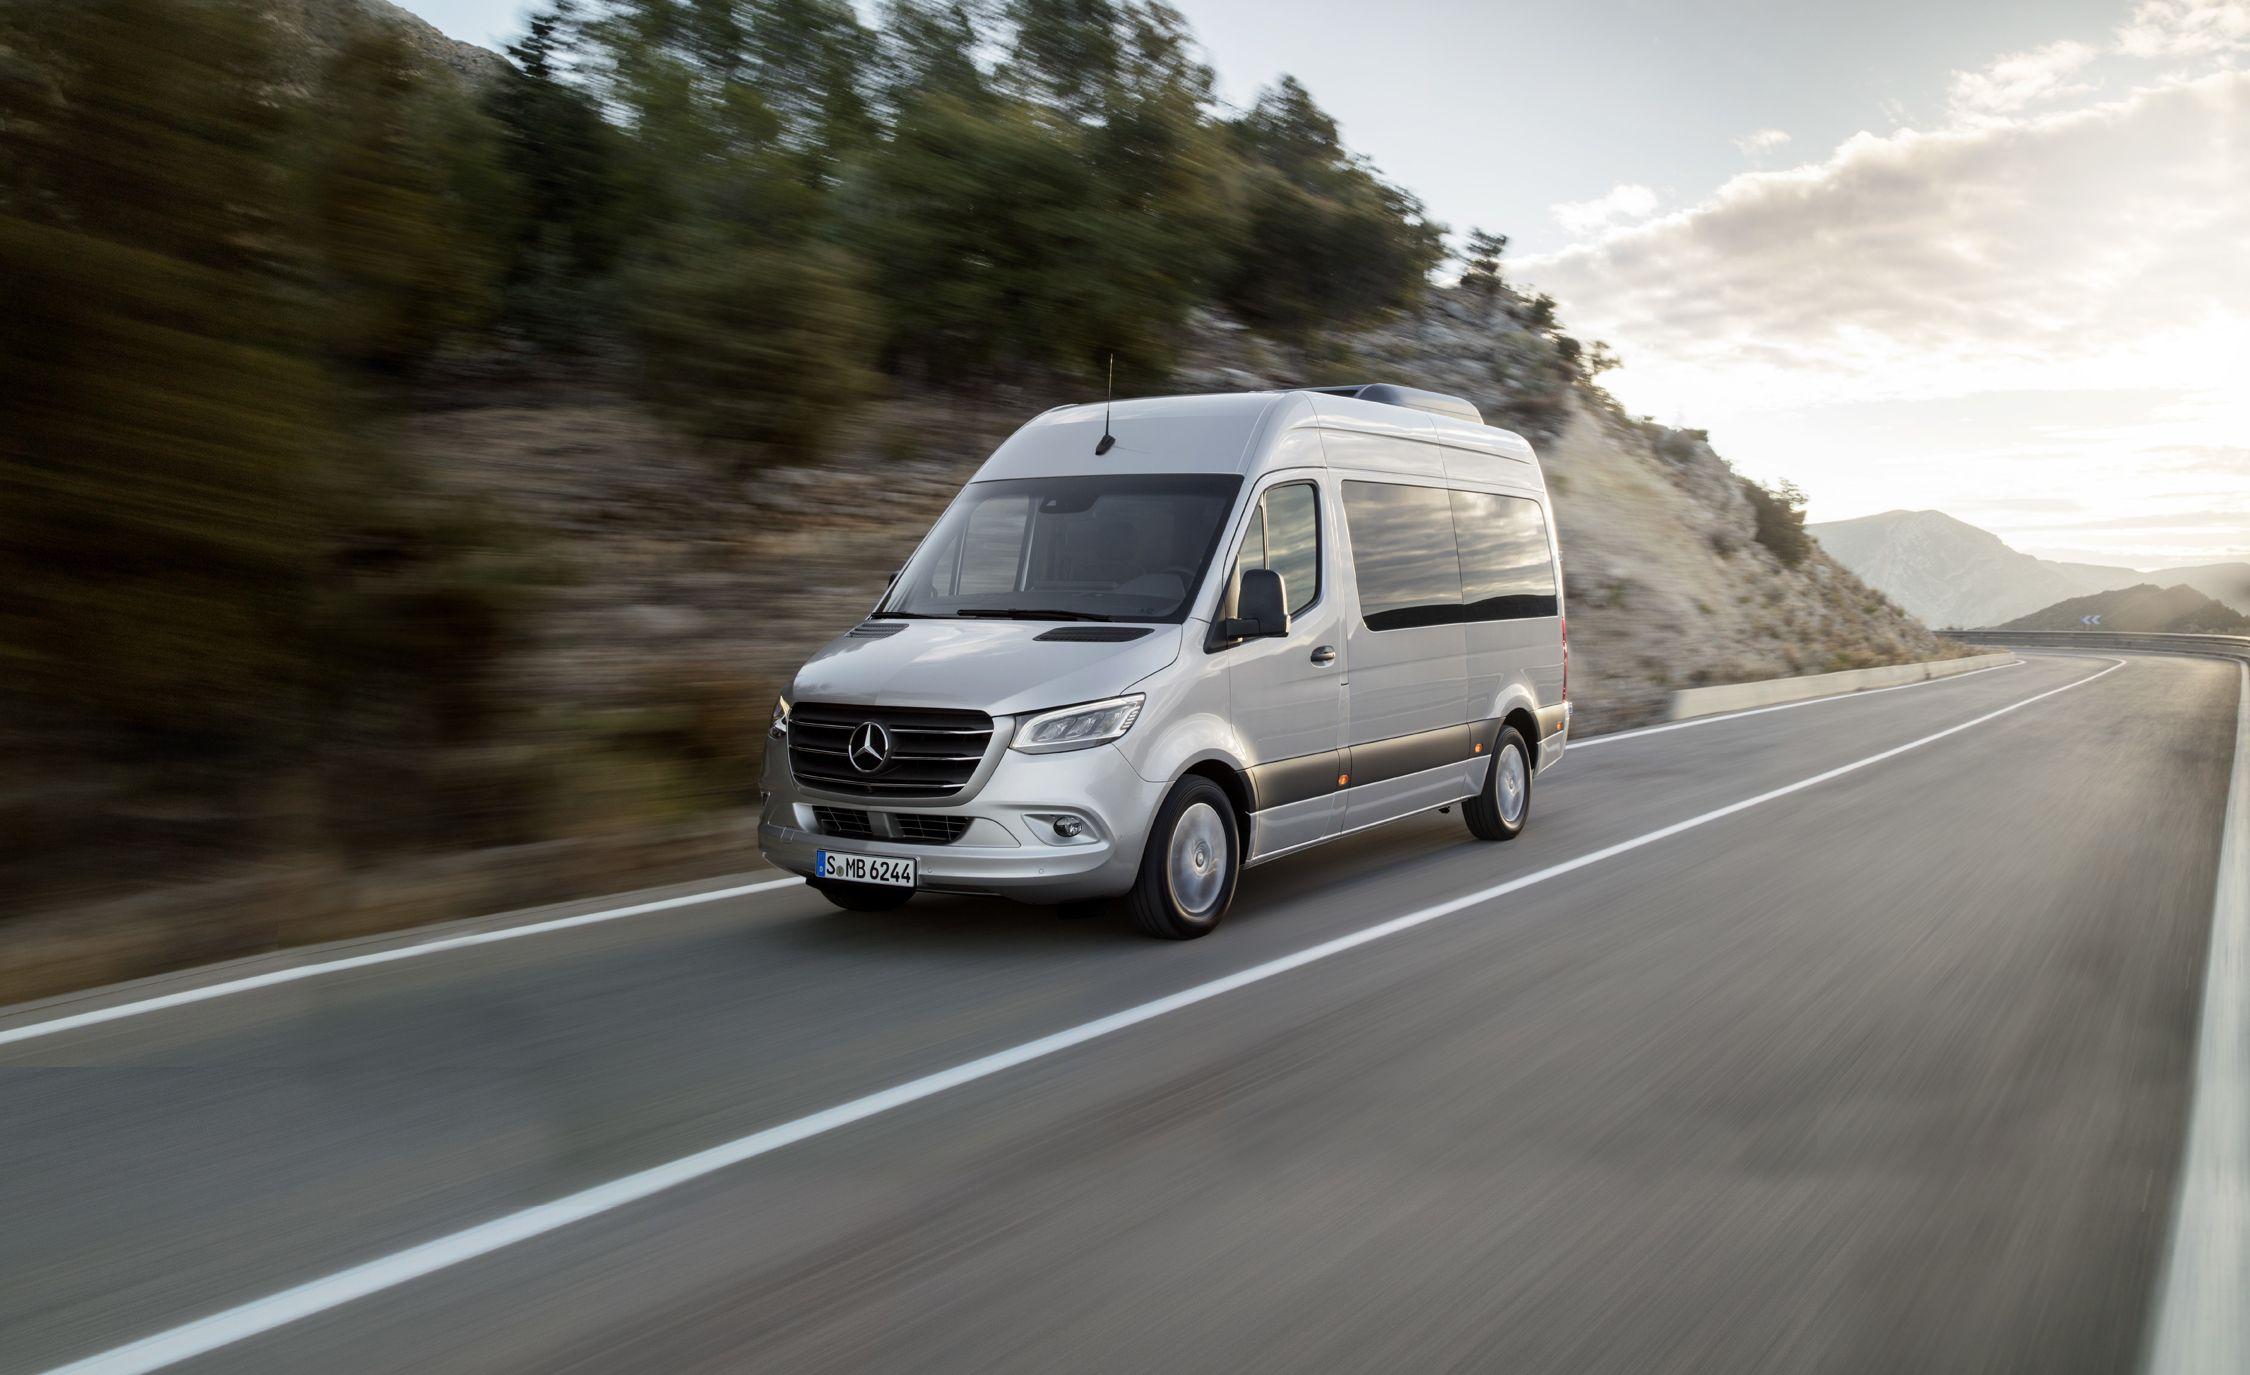 2015 mercedes benz sprinter 2500 bluetec rh caranddriver com Mercedes-Benz Ambulance T1 Mercedes Sprinter Ambulance